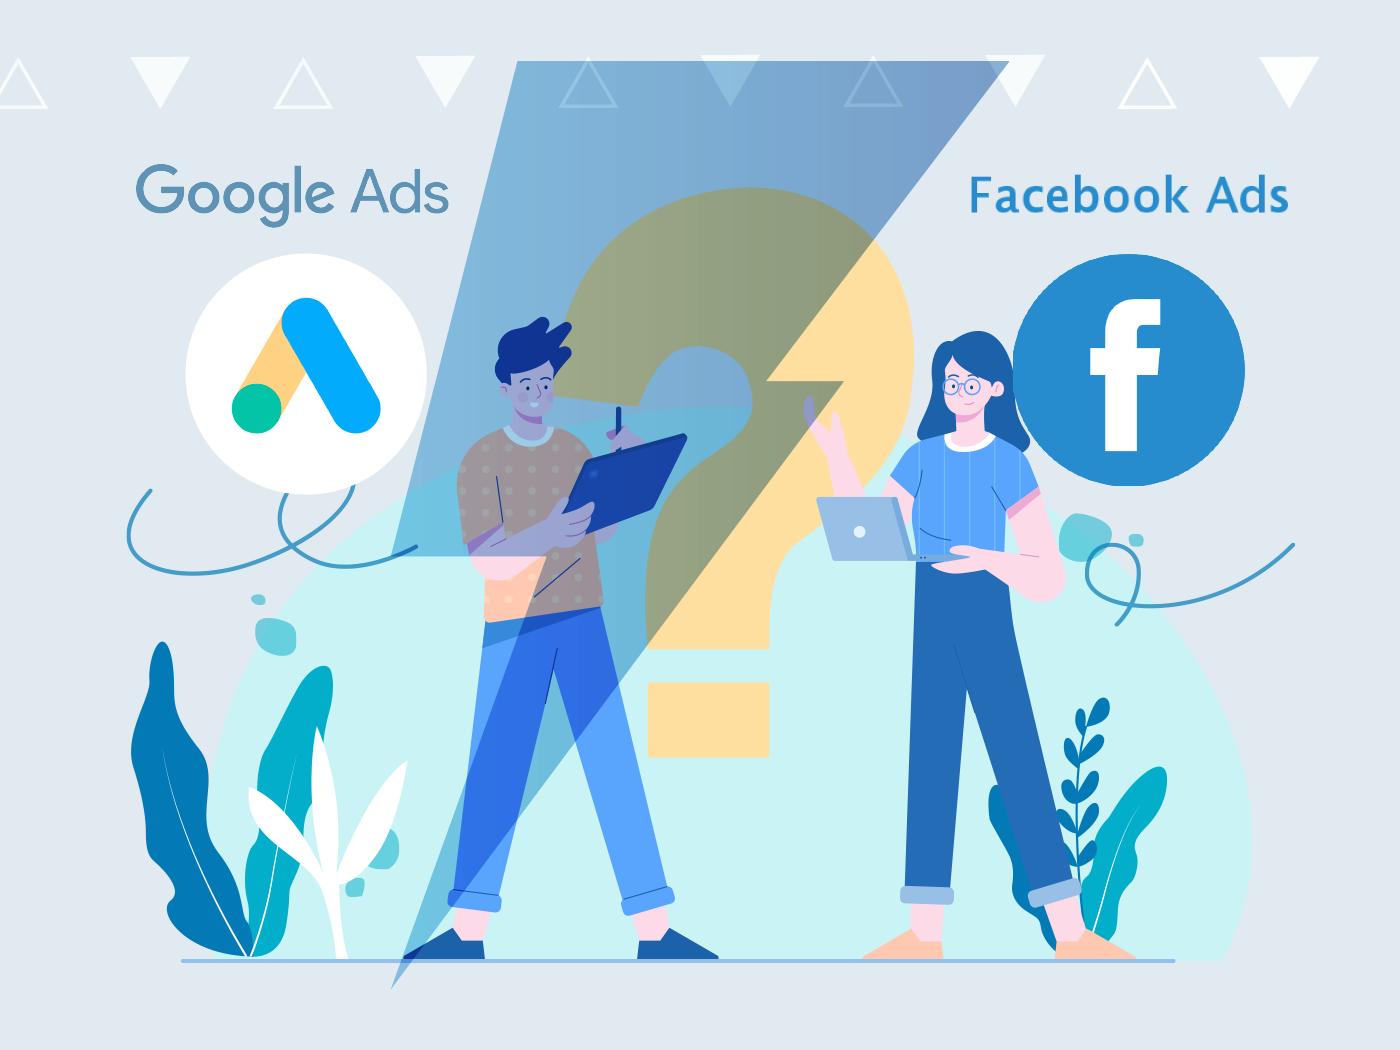 Conheça as diferenças entre o Google Ads e o Facebook Ads, e descubra qual a melhor para a sua empresa.